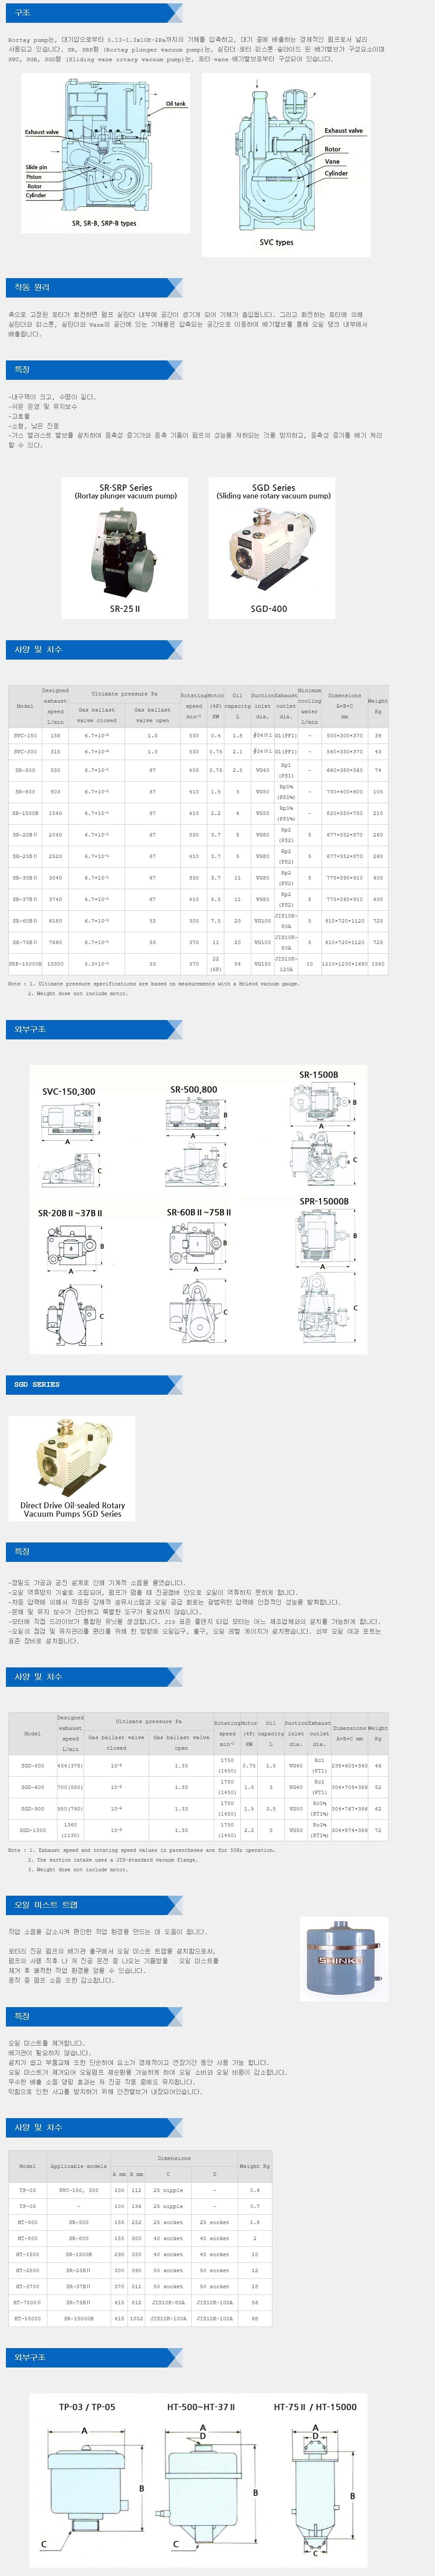 (주)노아텍-트라 오일로터리펌프 SVC/SR Series 1